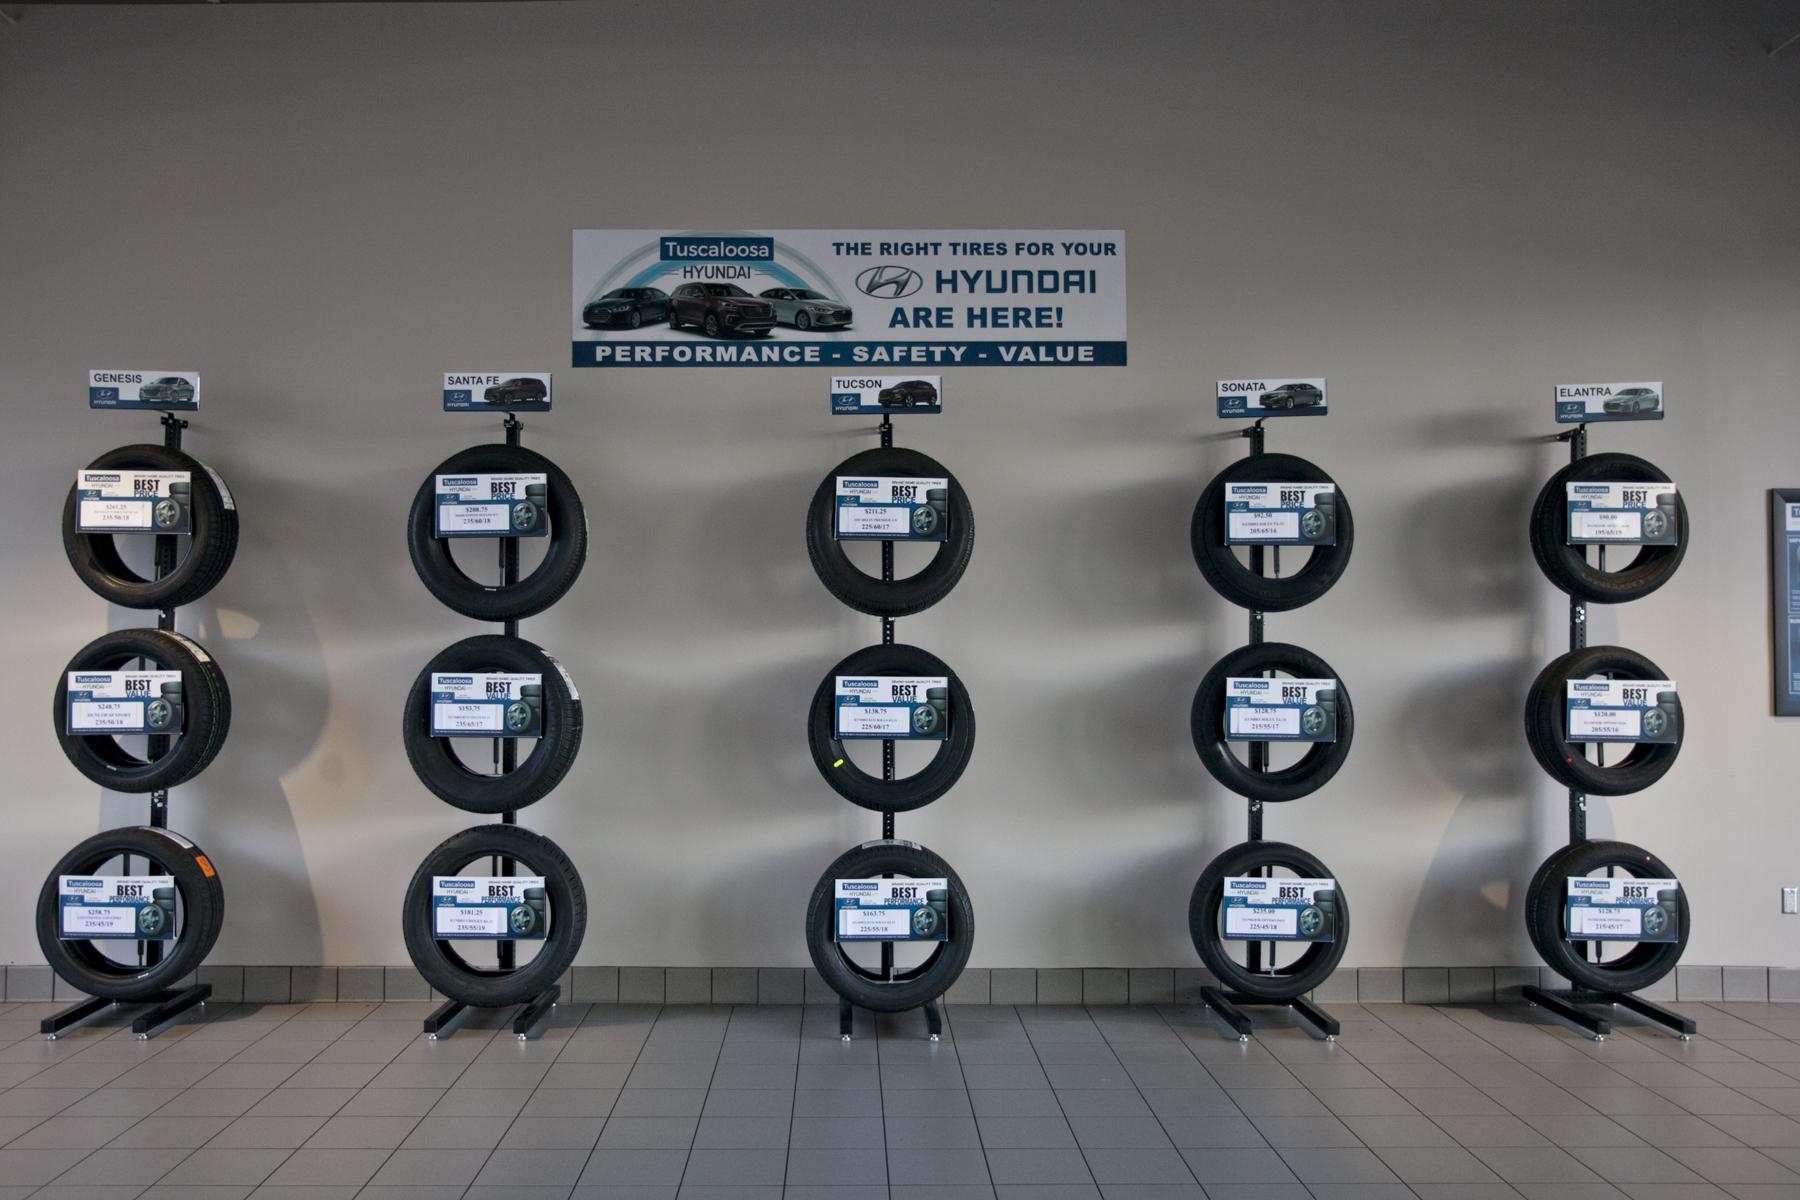 Hyundai Tire Center in Tuscaloosa, AL